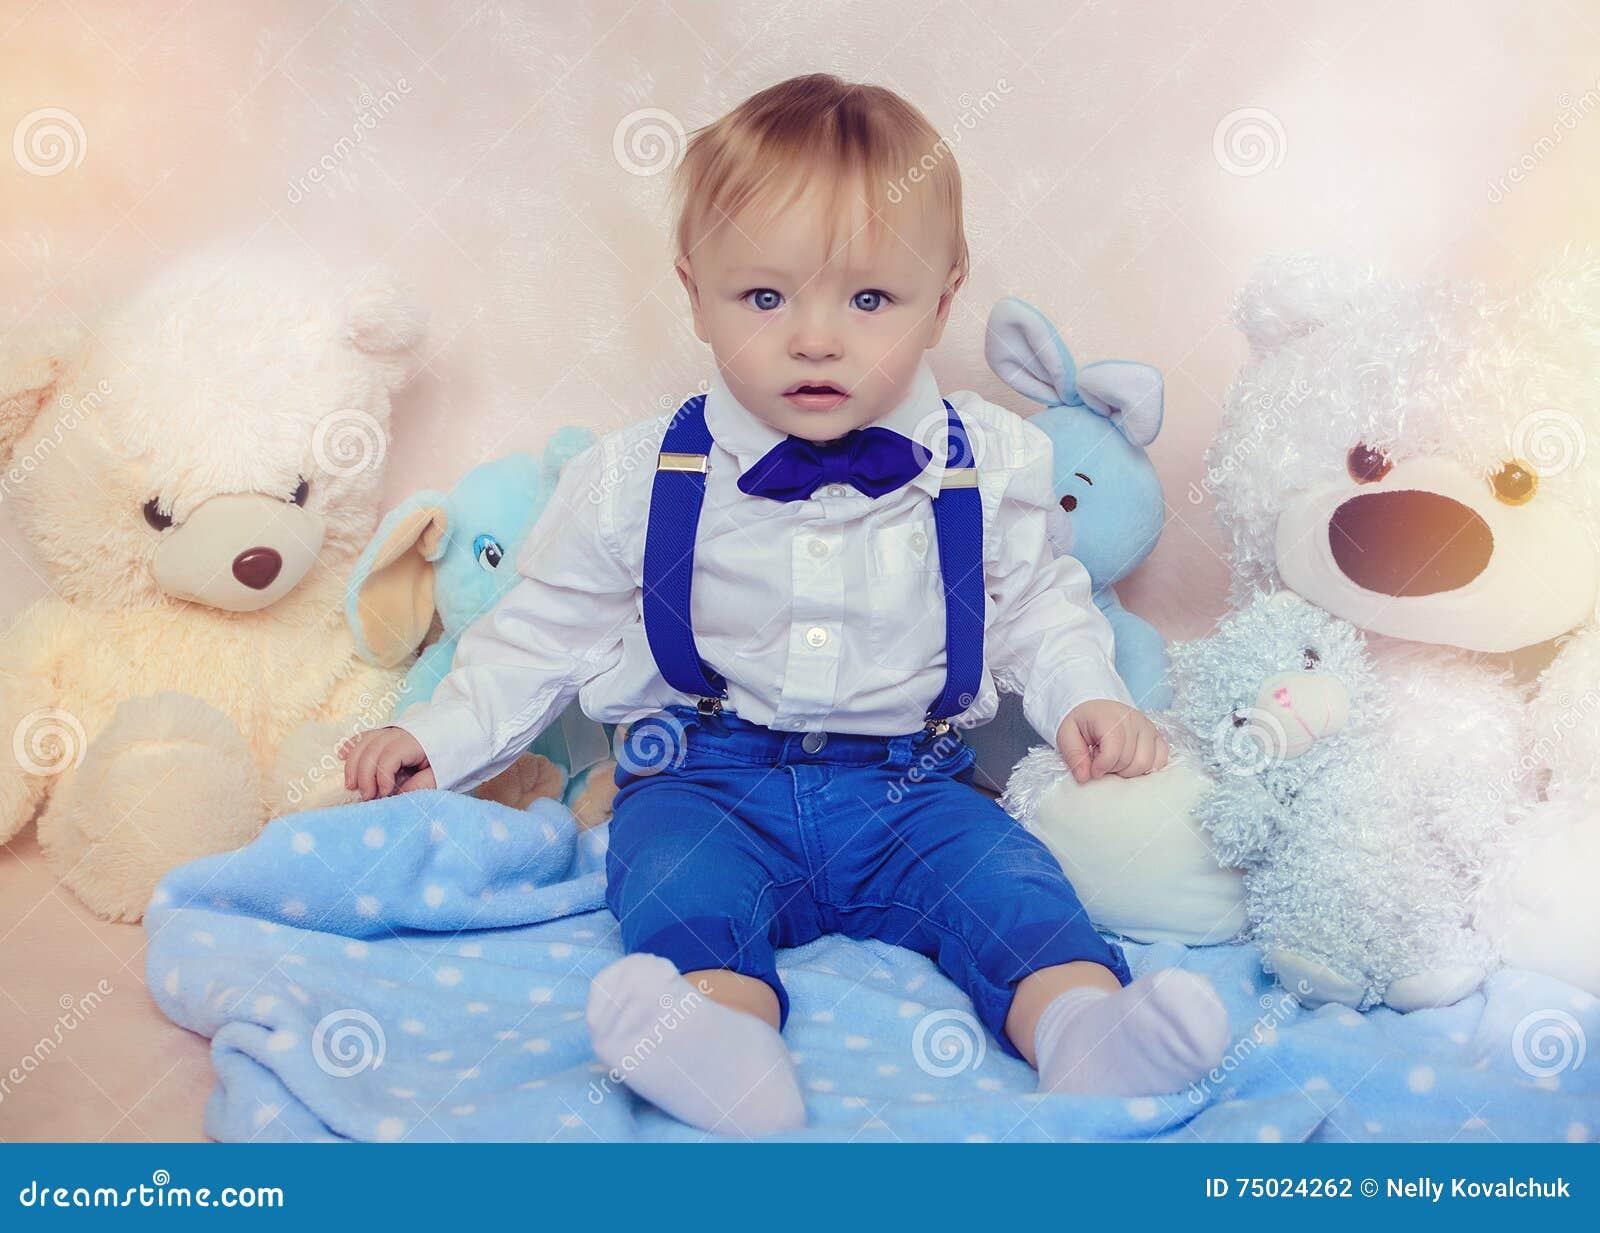 一个白色衬衣和蝶形领结的小男孩